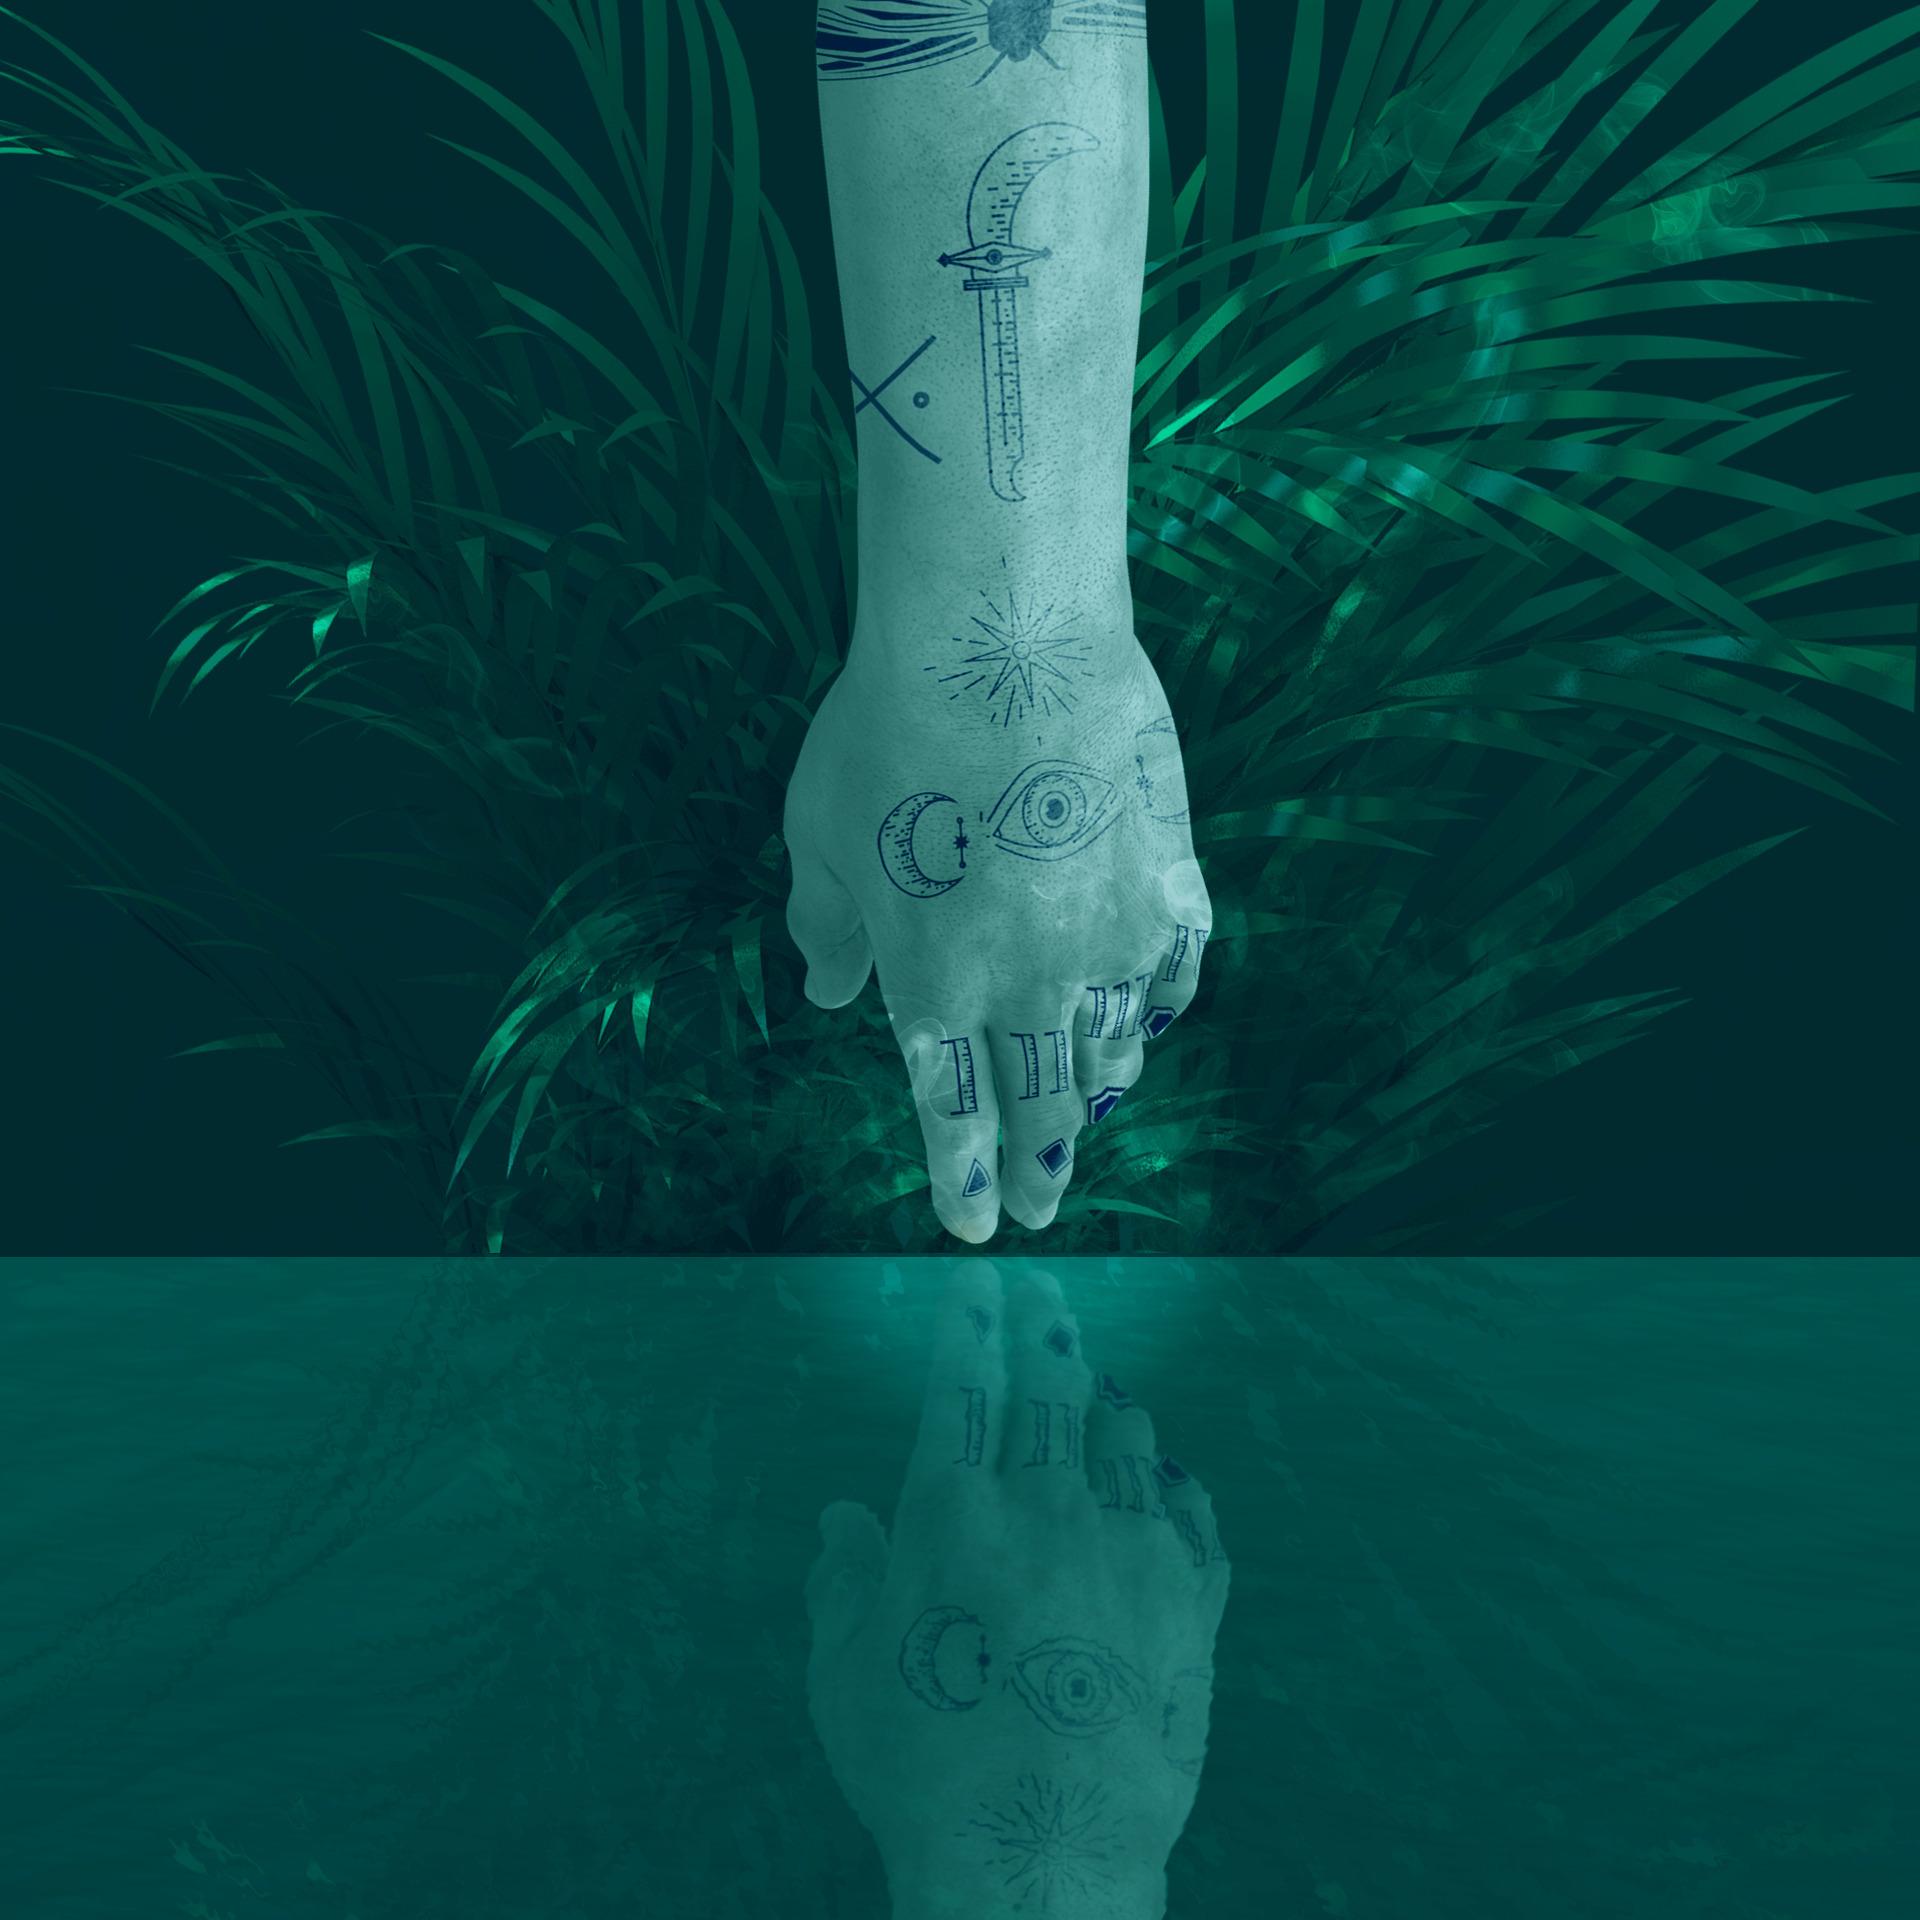 Catharsis - mthenelson | ello